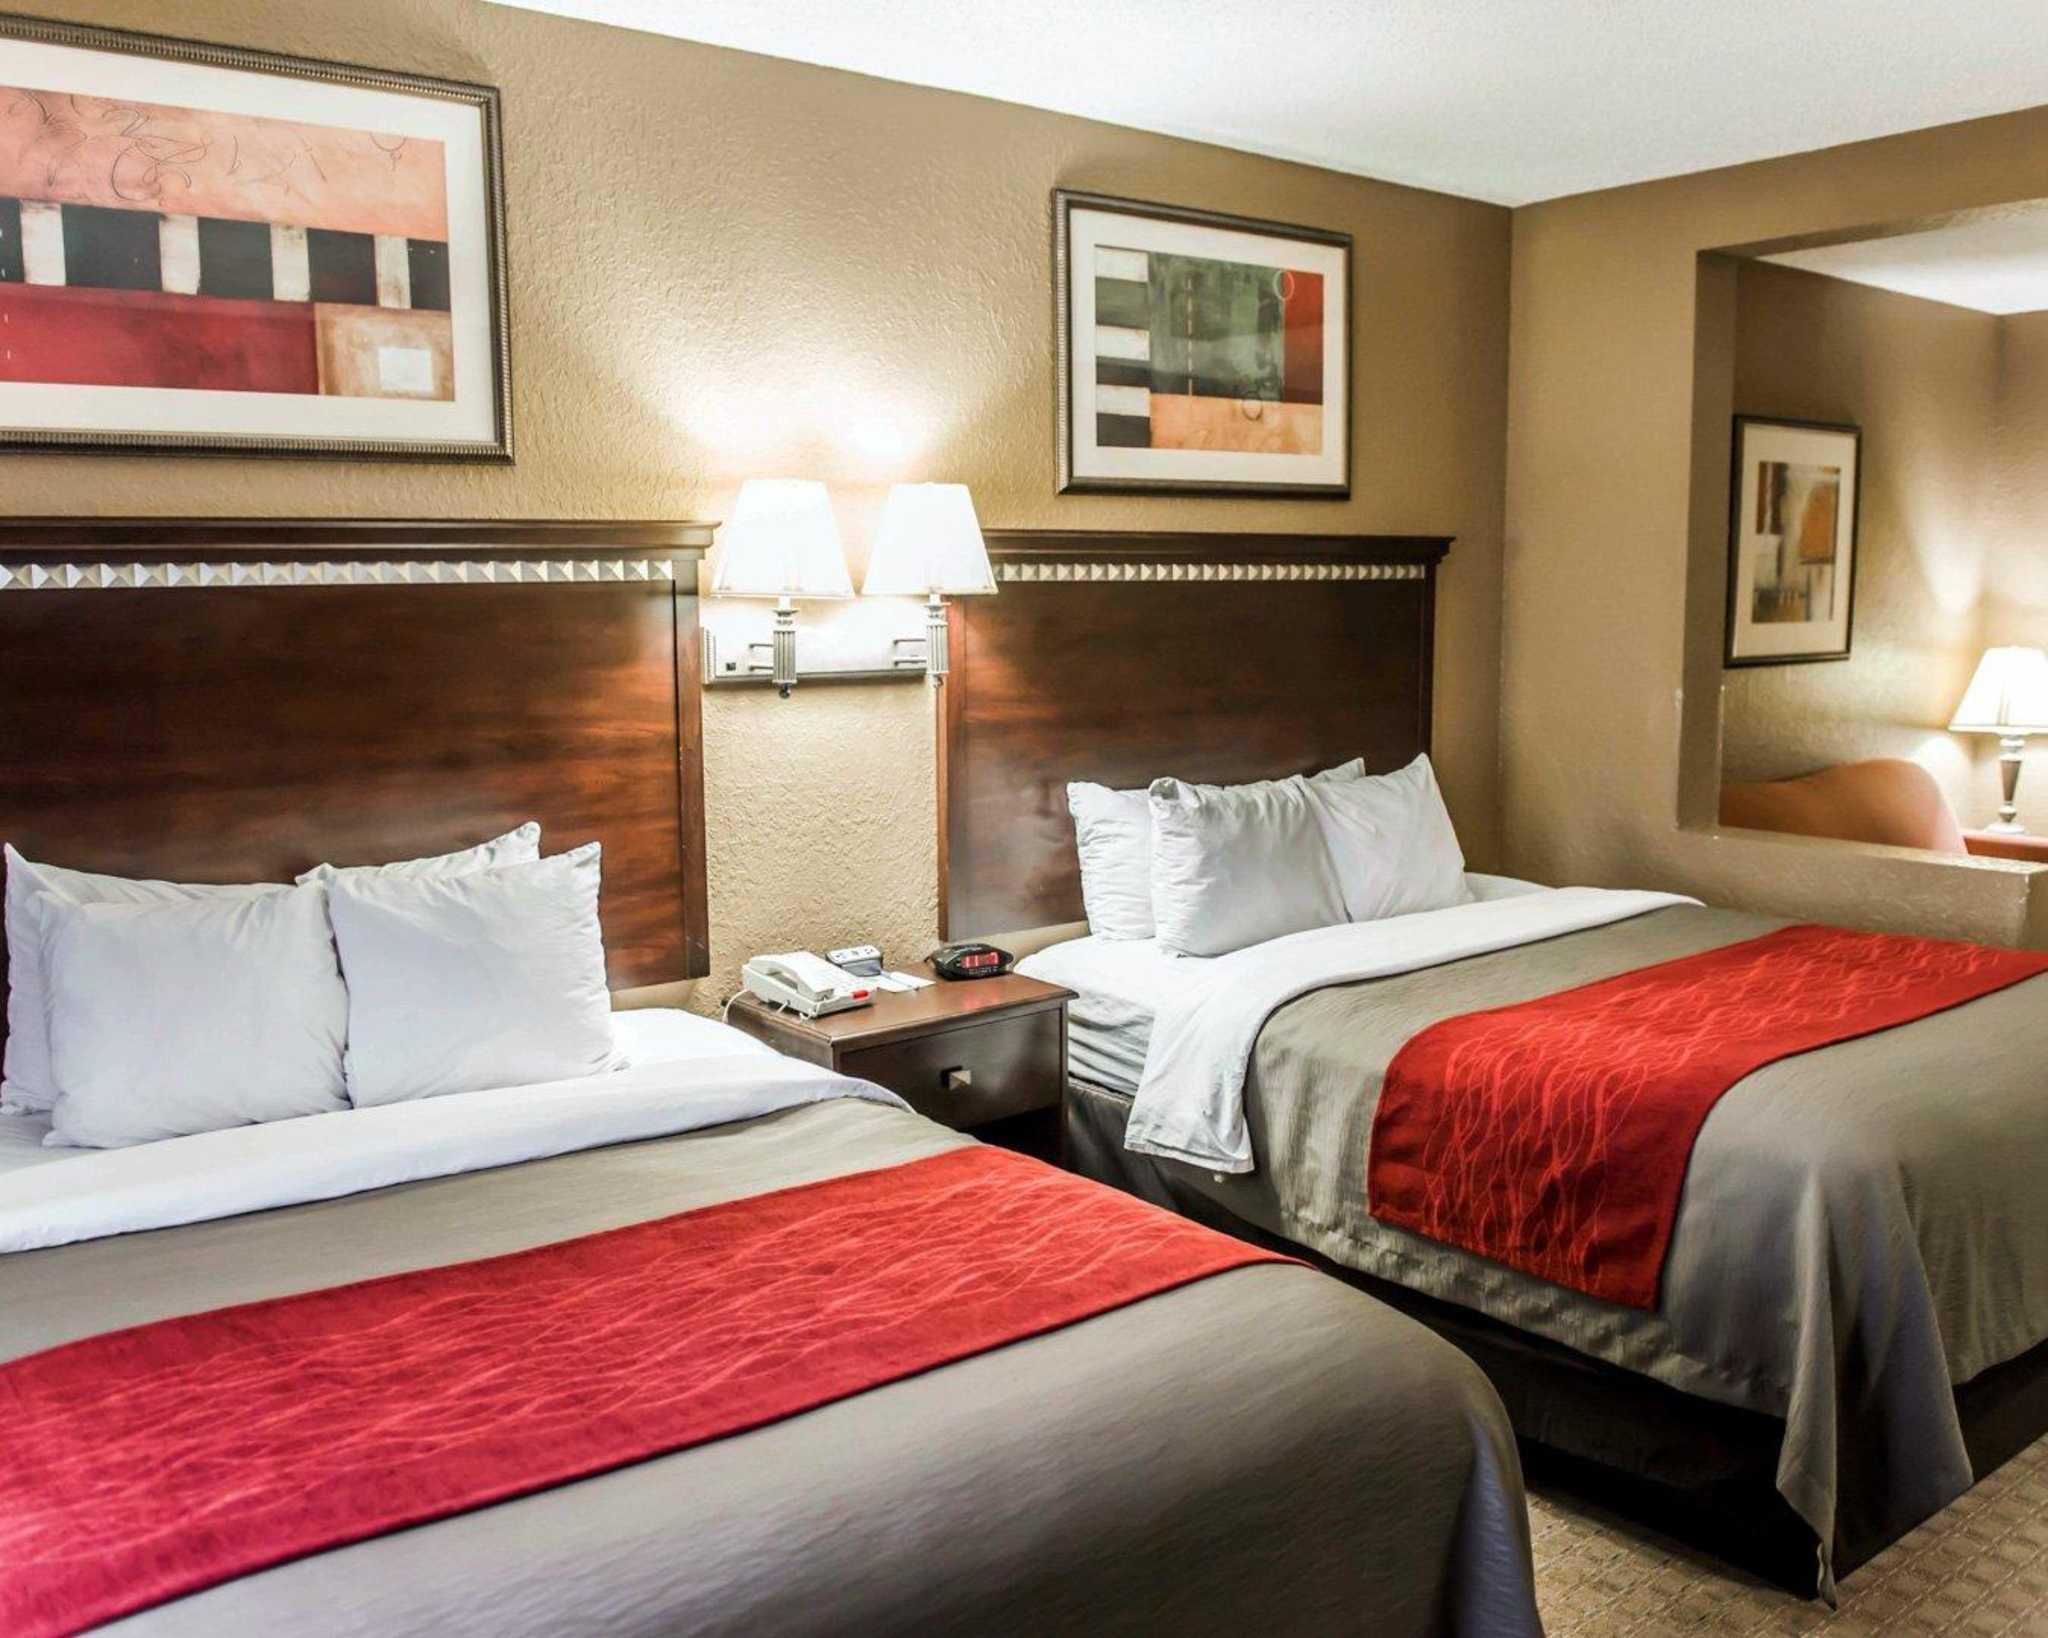 Comfort Inn & Suites Marianna I-10 image 6